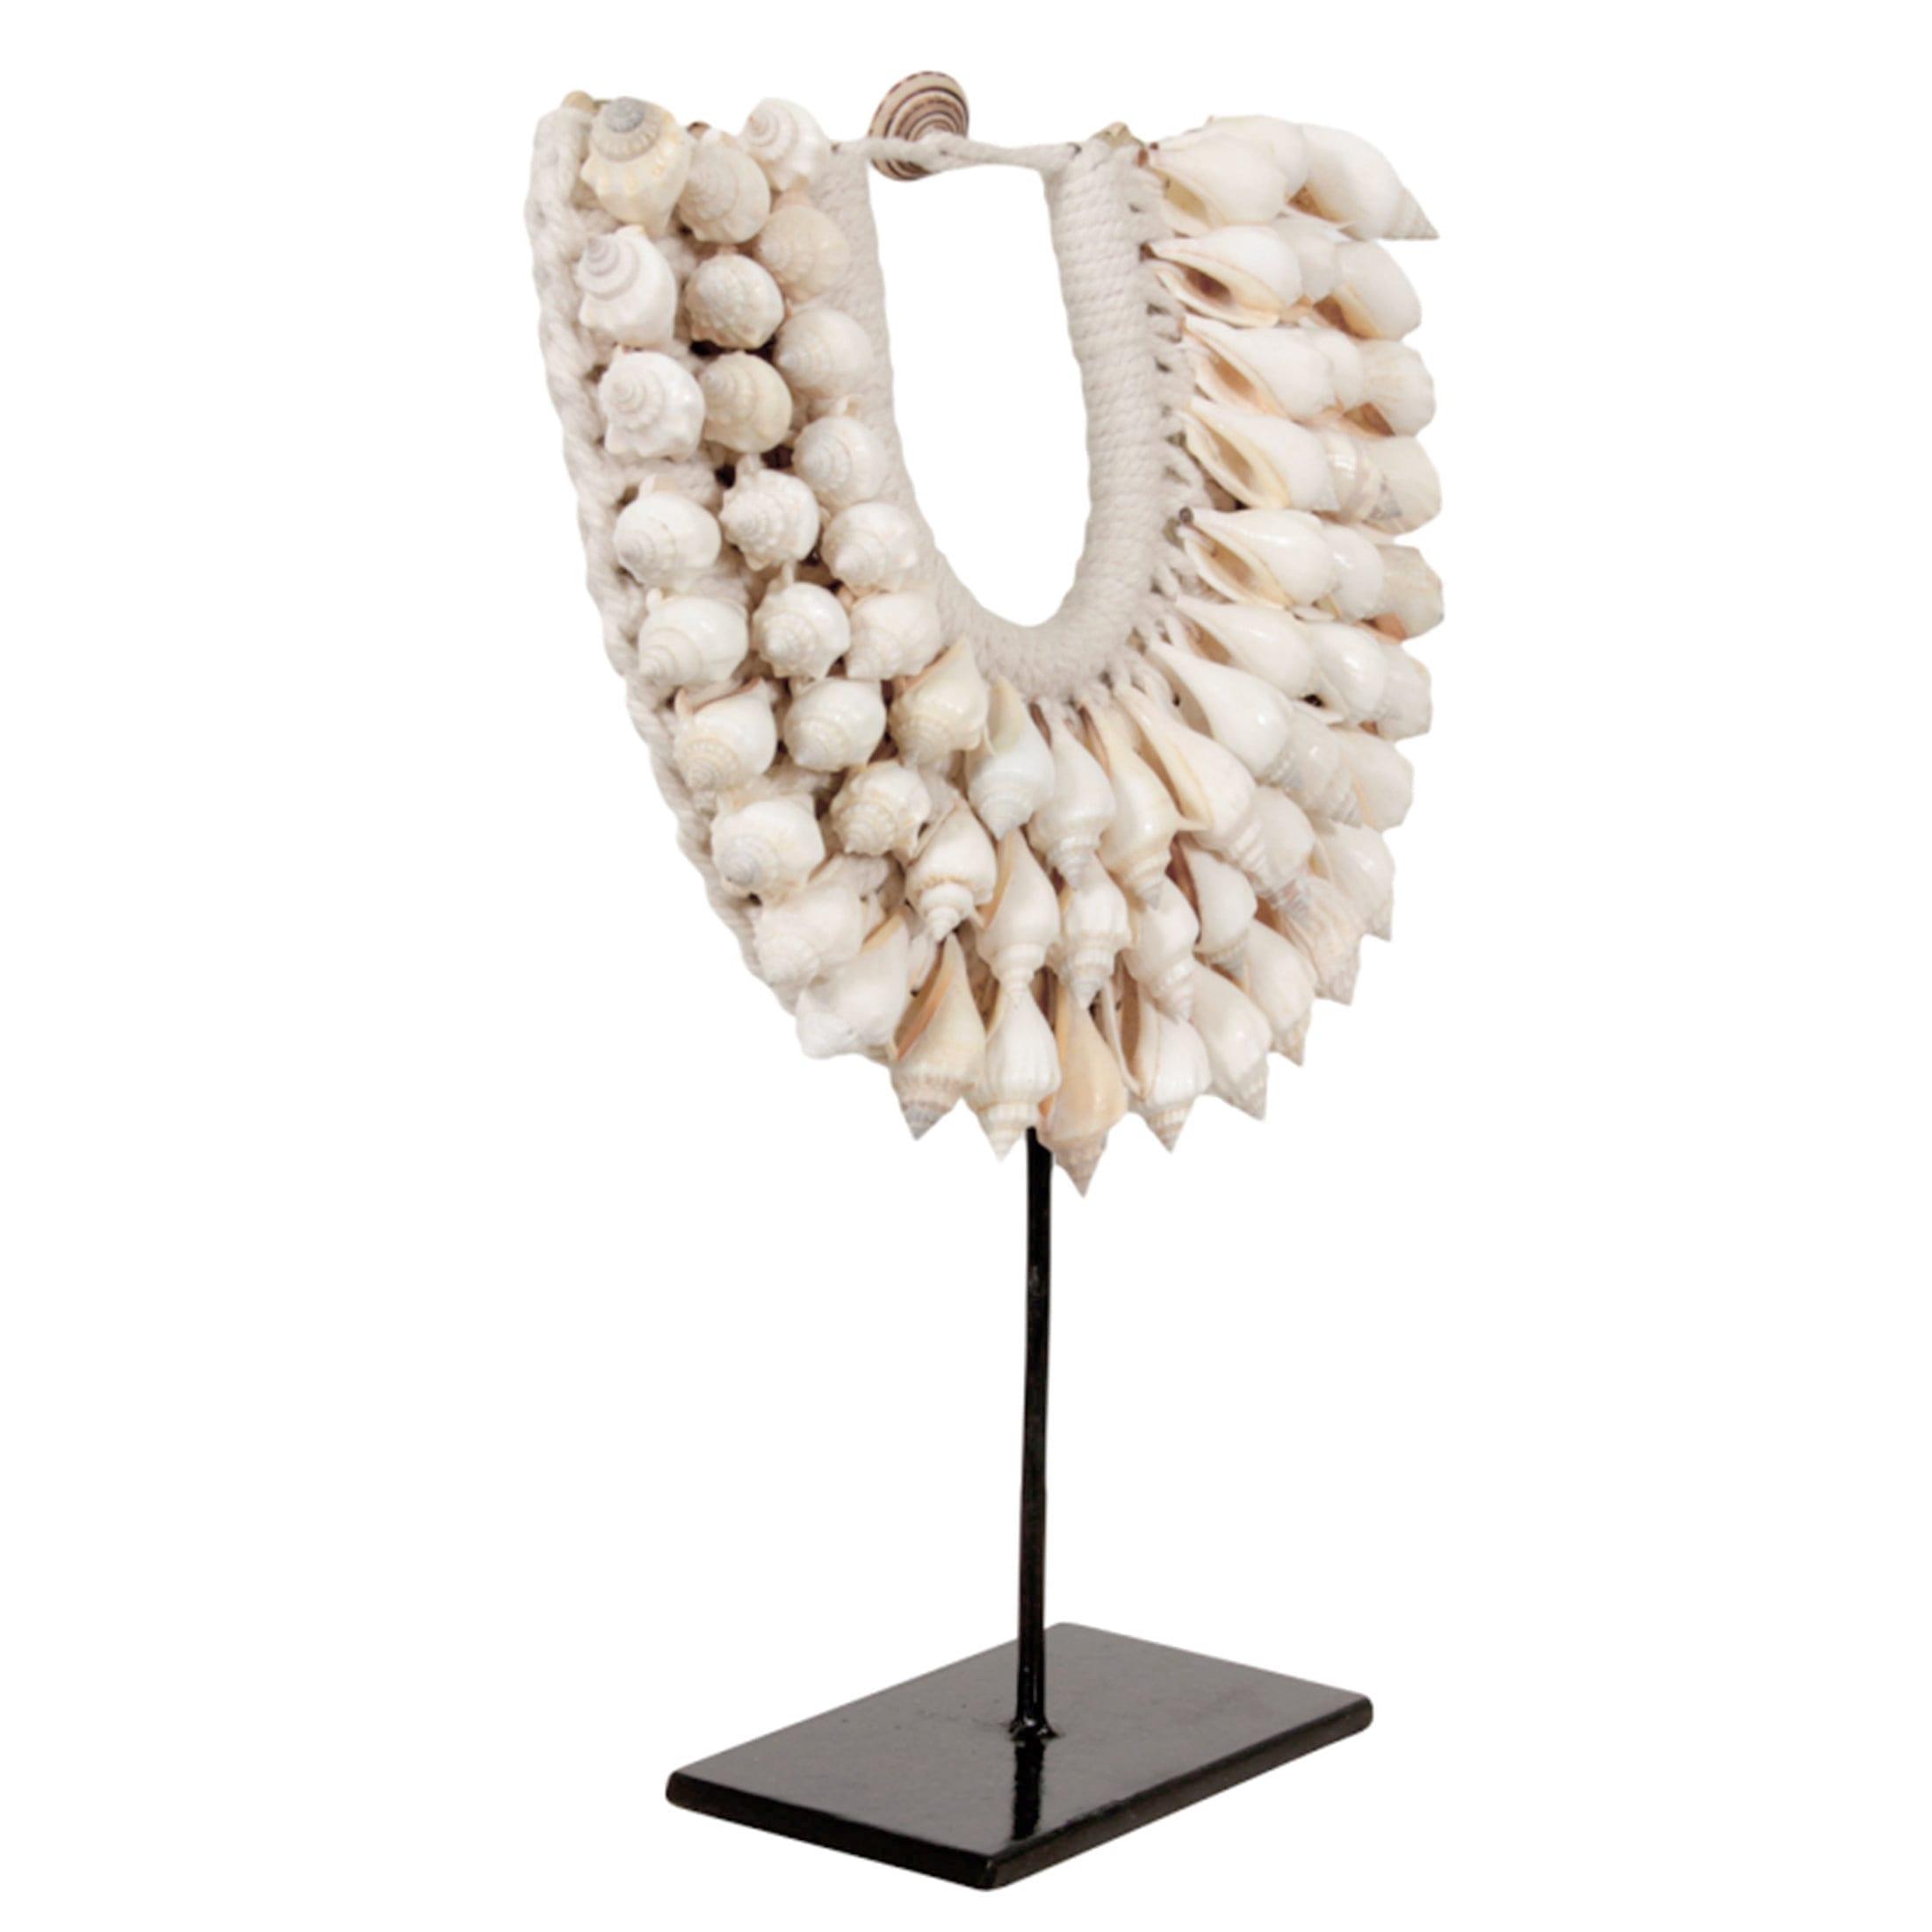 Ethno Style Dekoration aus Muscheln im Ethno, Tribal Style. Muschelkette aus Papua Neuguinea dekoriert die Vitrine und den Tisch   Ethno Deko kaufen